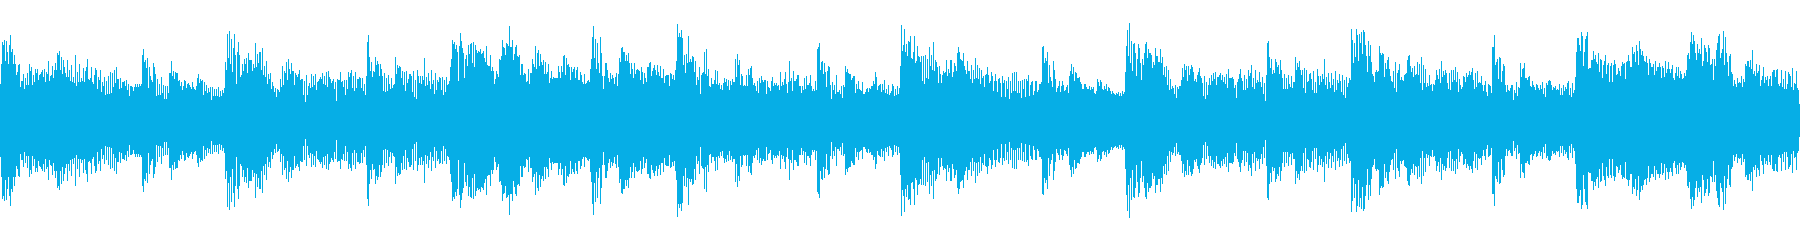 ドラムンベース おしゃれ ループの再生済みの波形